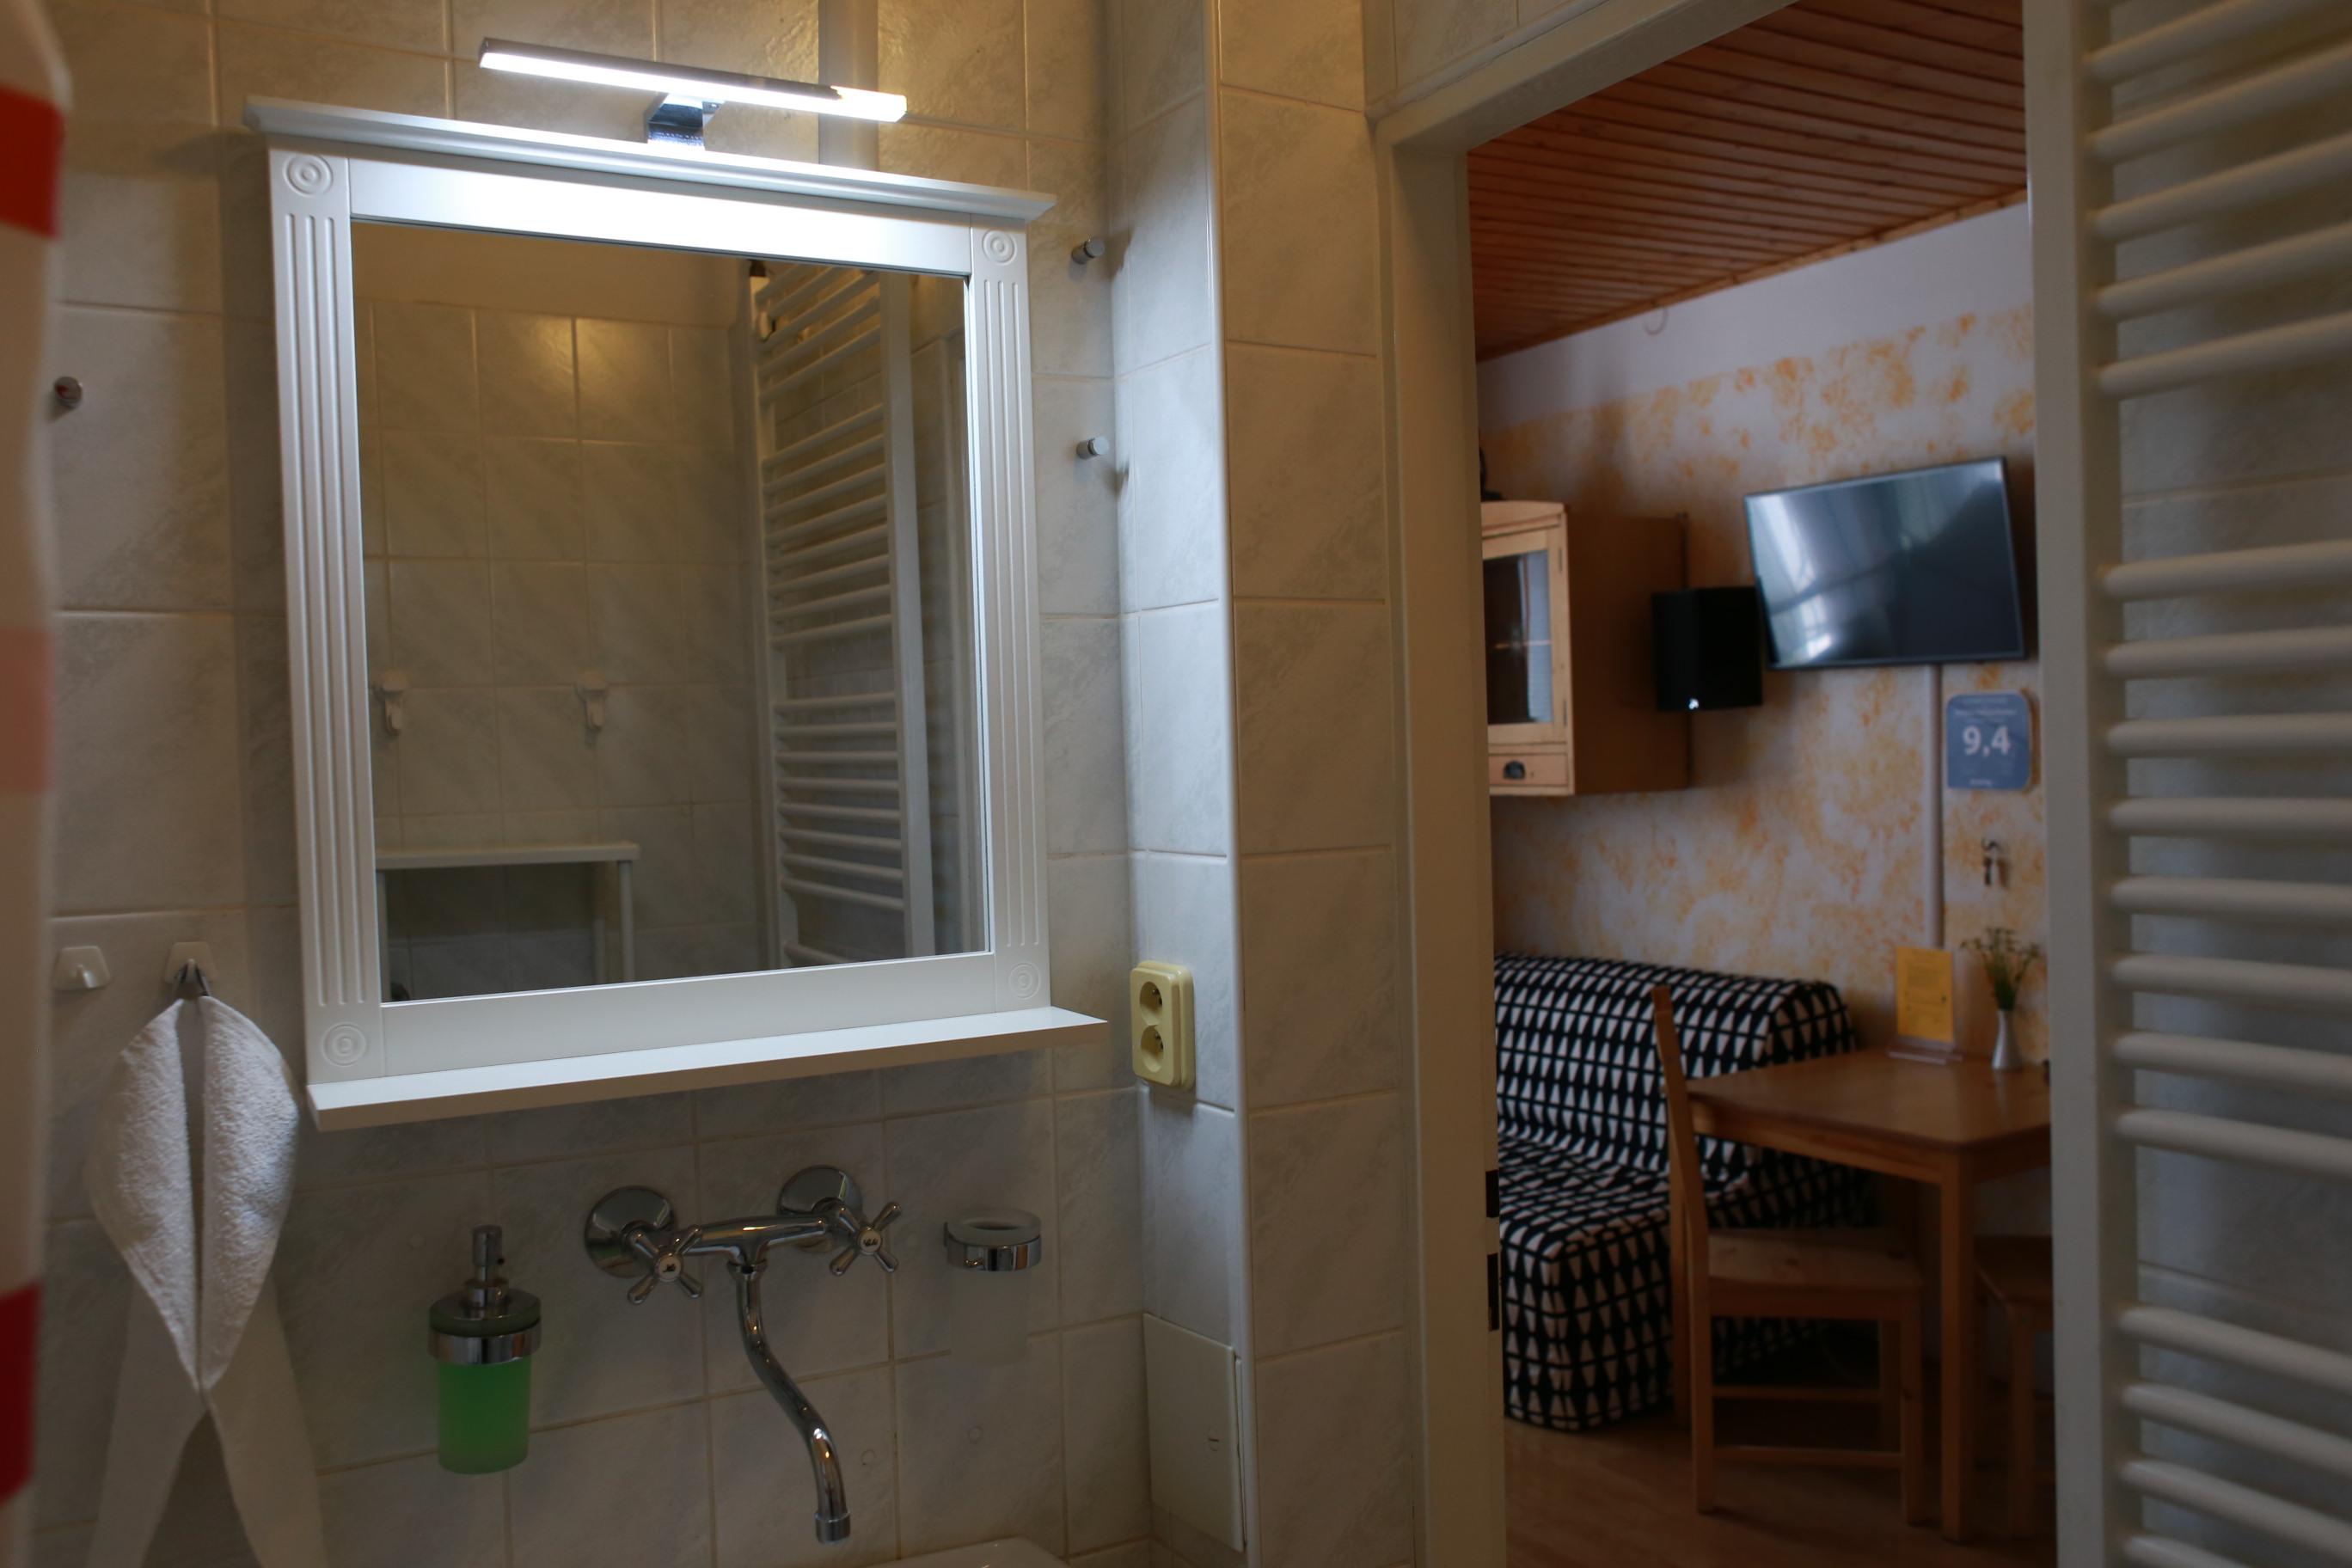 Koupelna s čistými ručníky a zásobníky na mýdlo